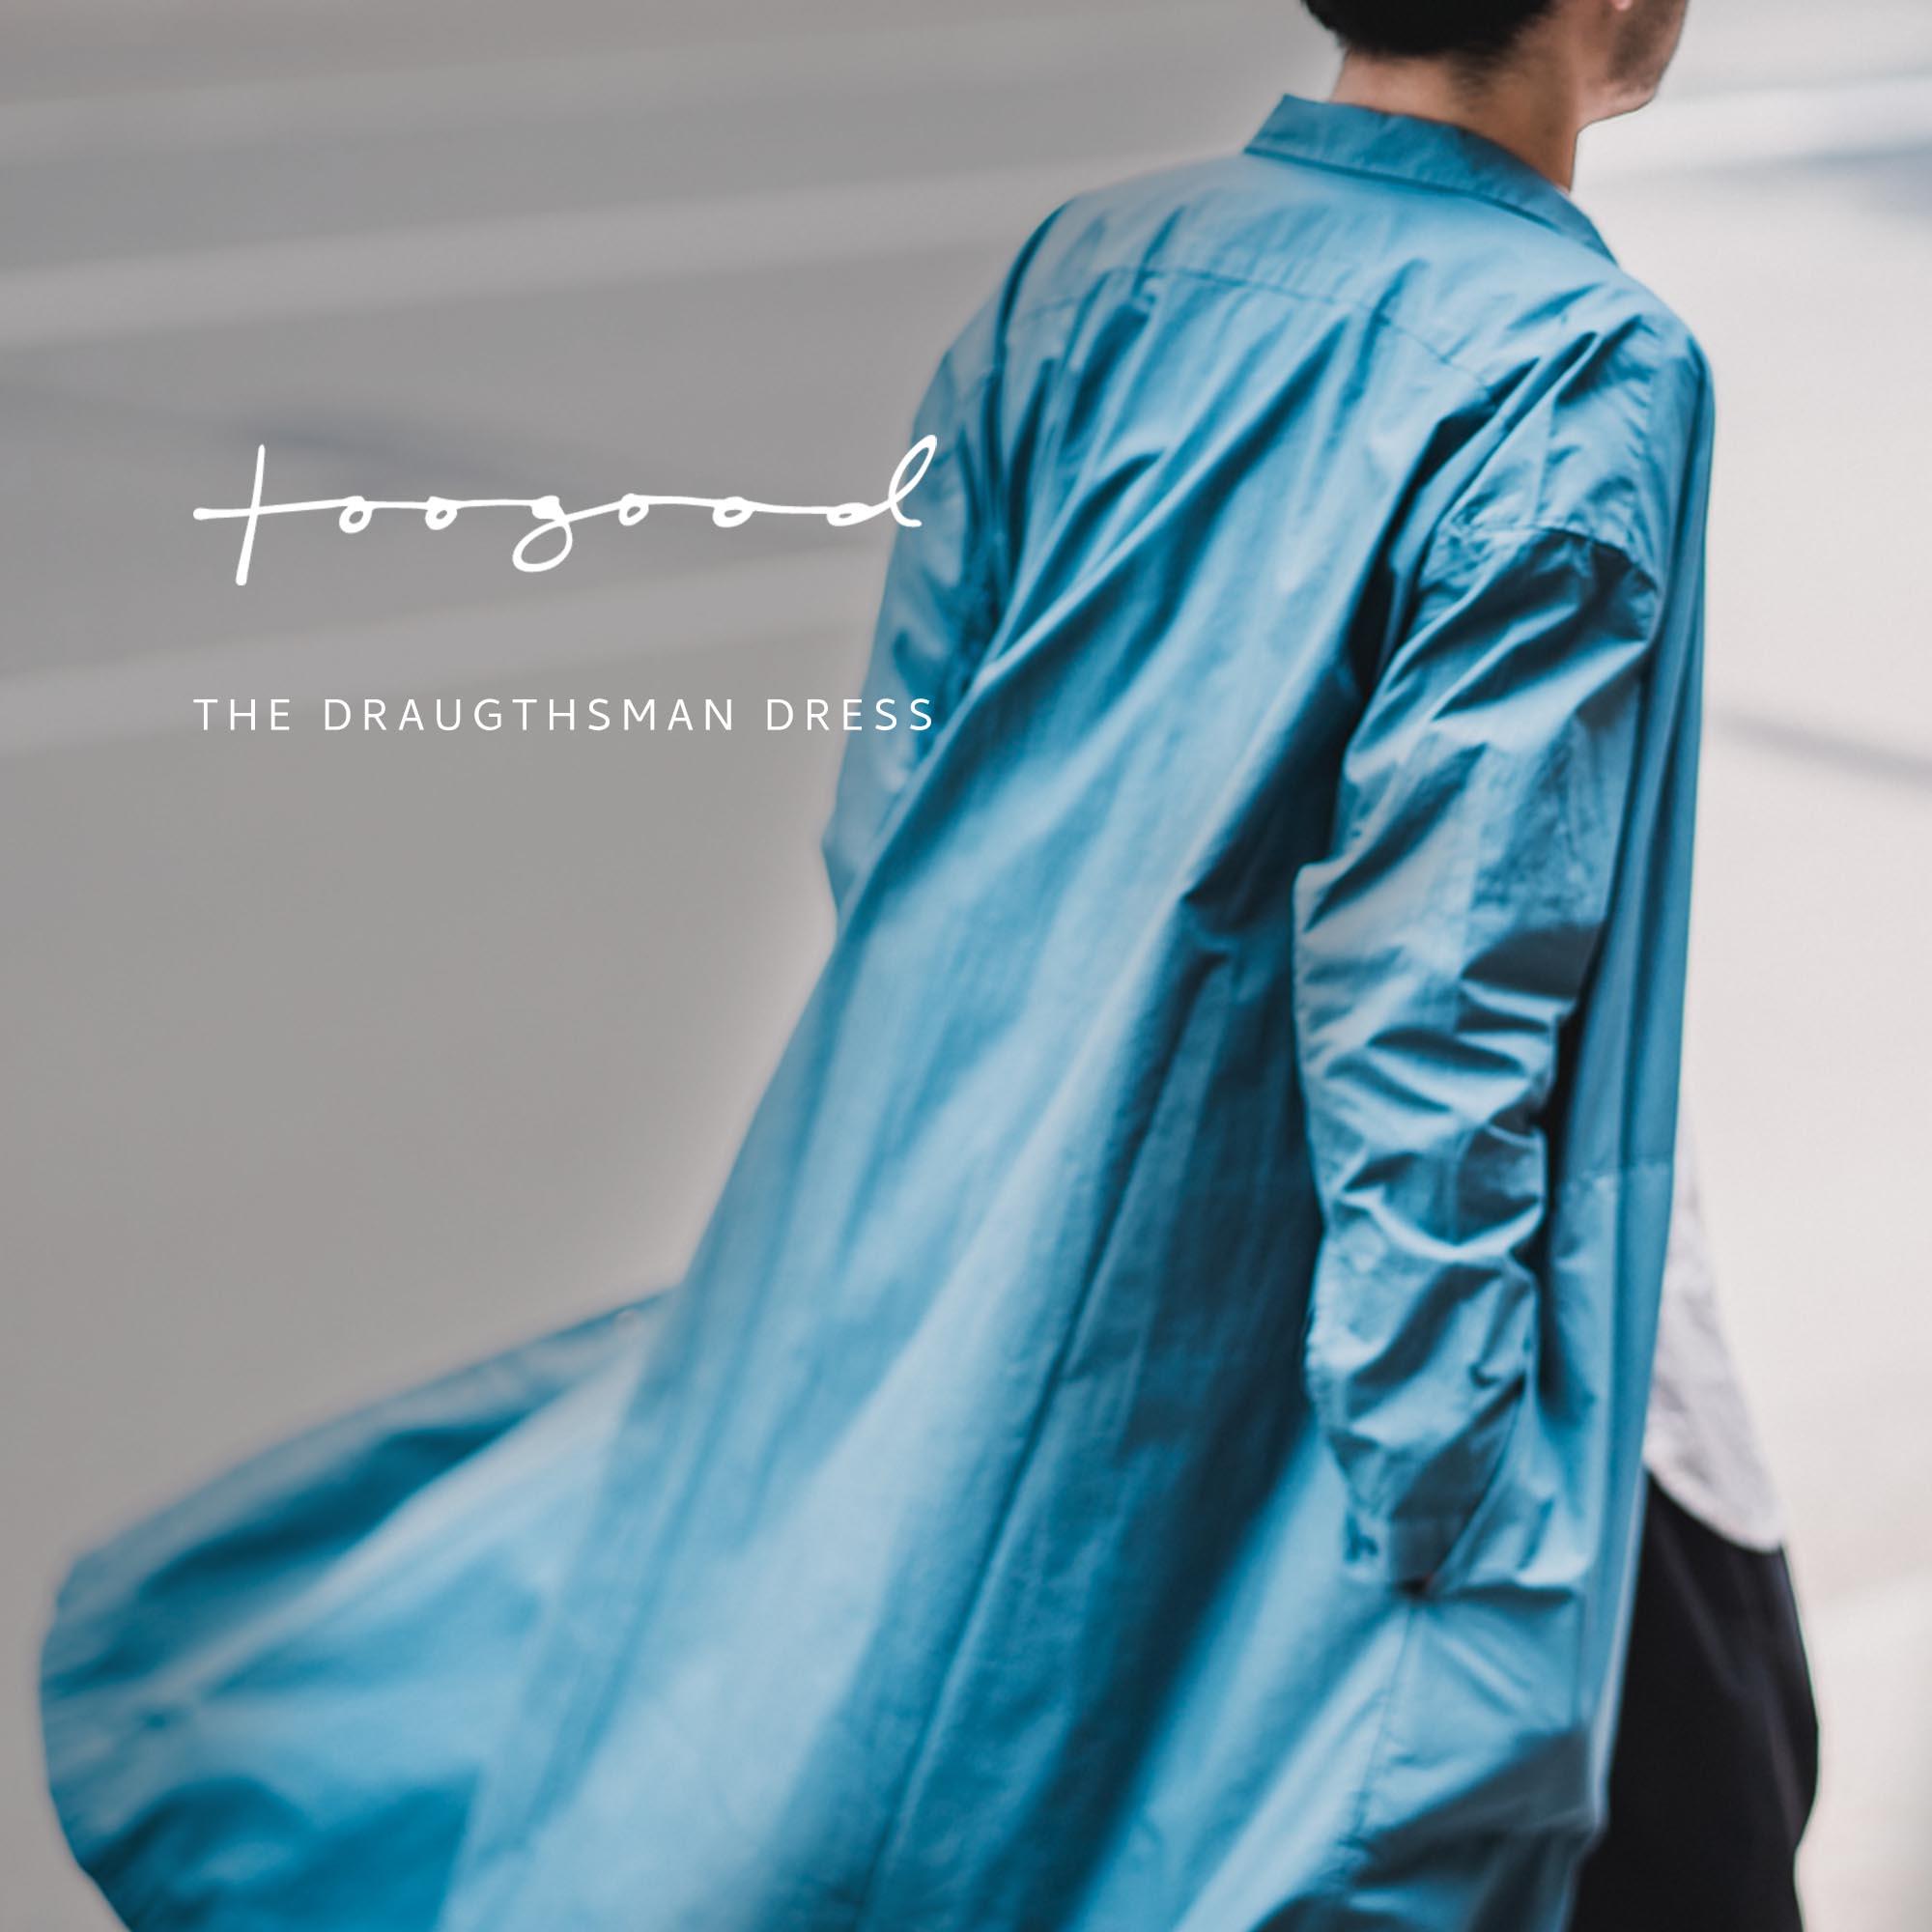 トゥーグッドのドラフツマンドレス